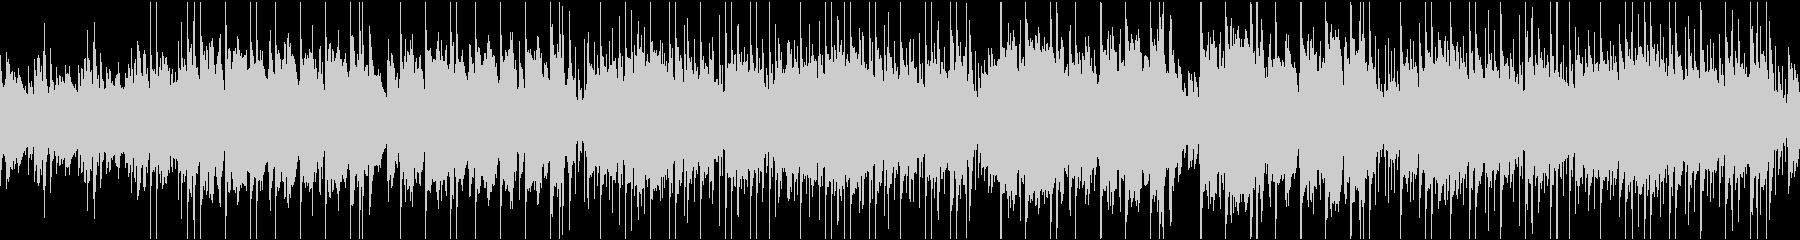 Refreshing violin / loop / intro 9 seconds's unreproduced waveform